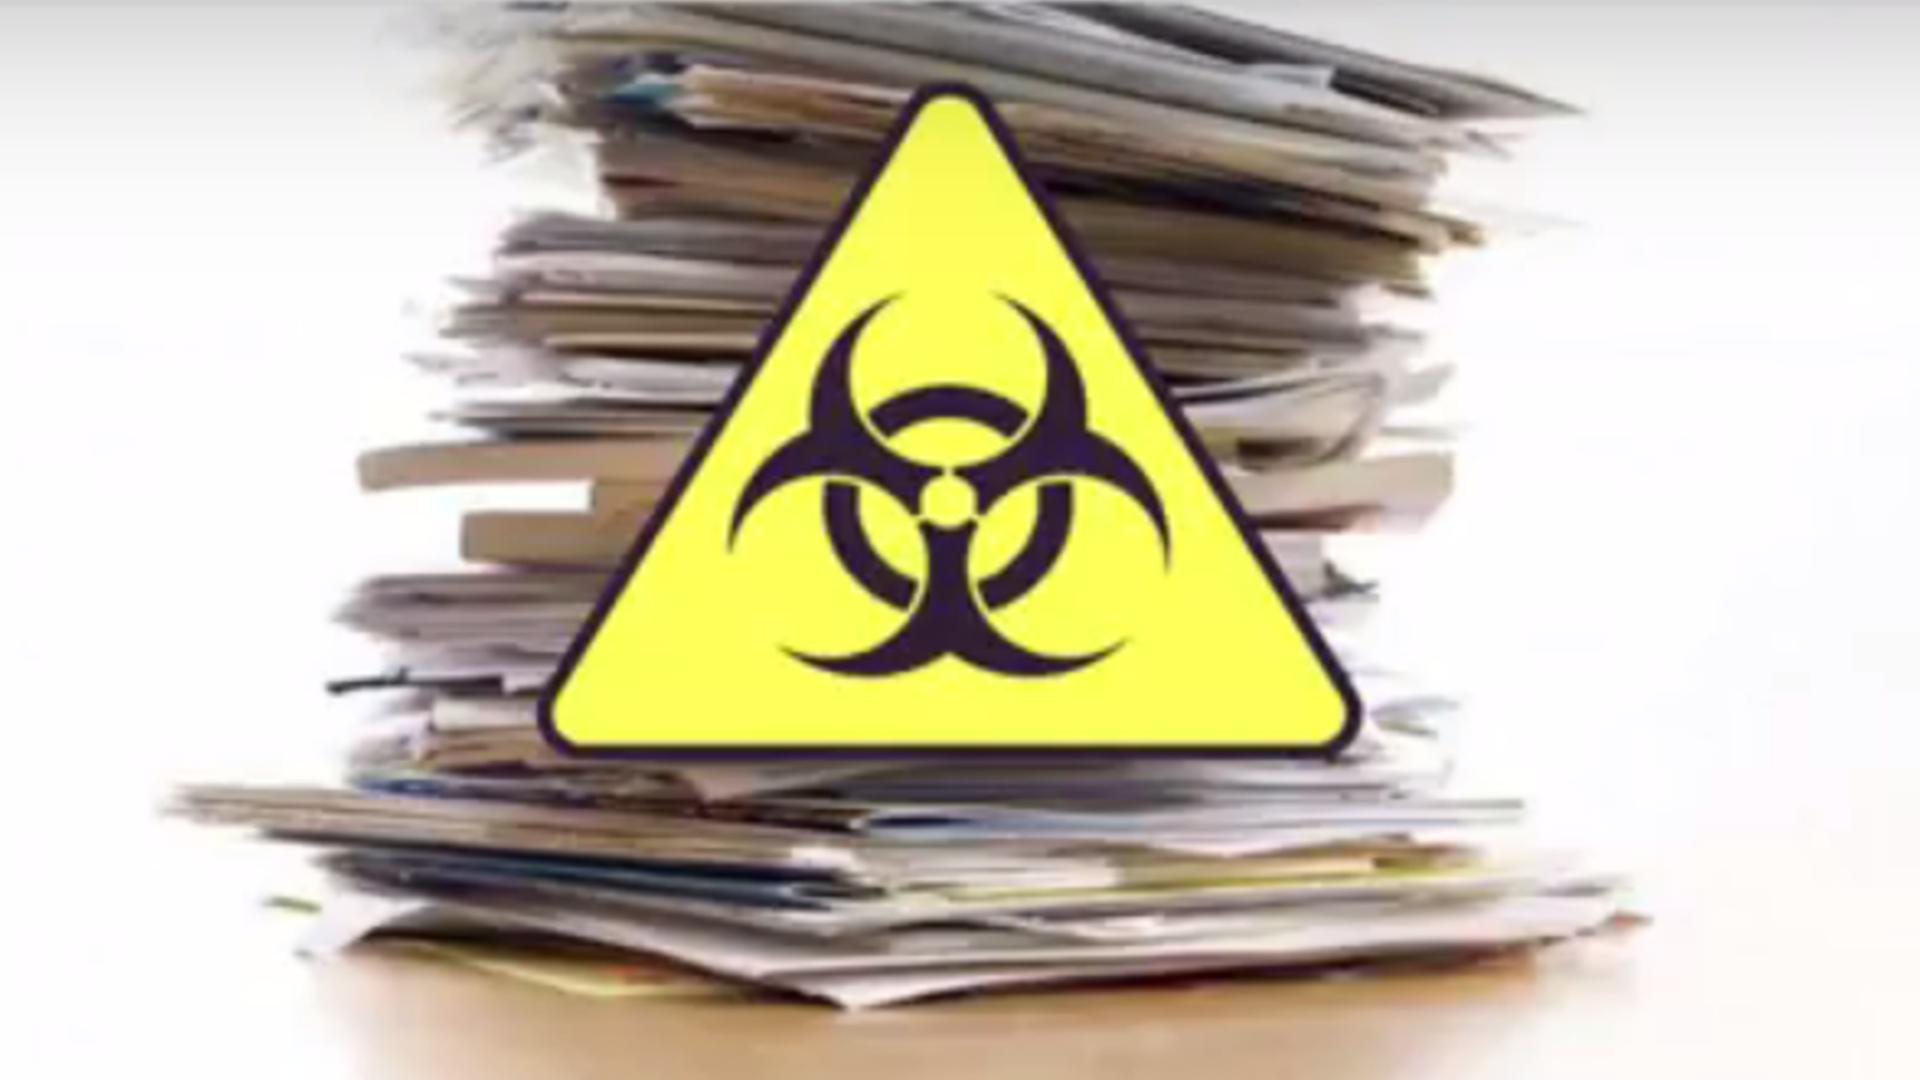 Poison Papers: Wie Chemie-Konzerne giftige Produkte verschleierten